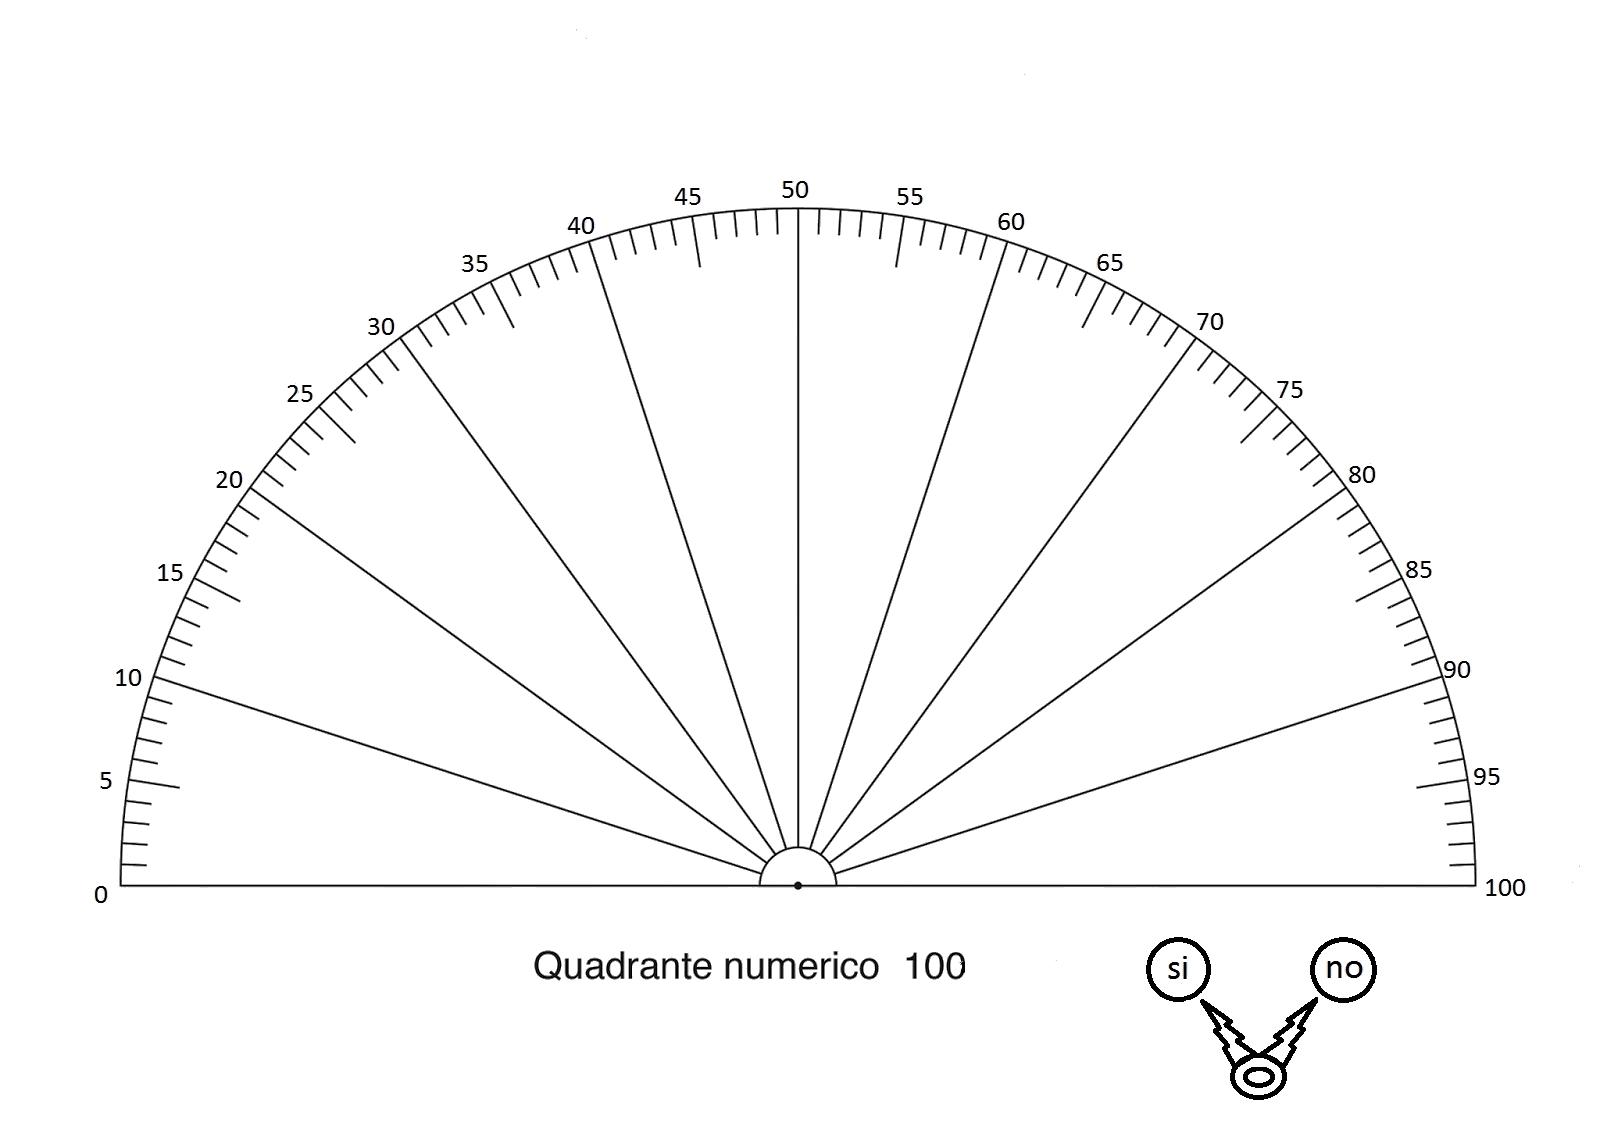 Quadranti radioestesici Quadrante100 mio